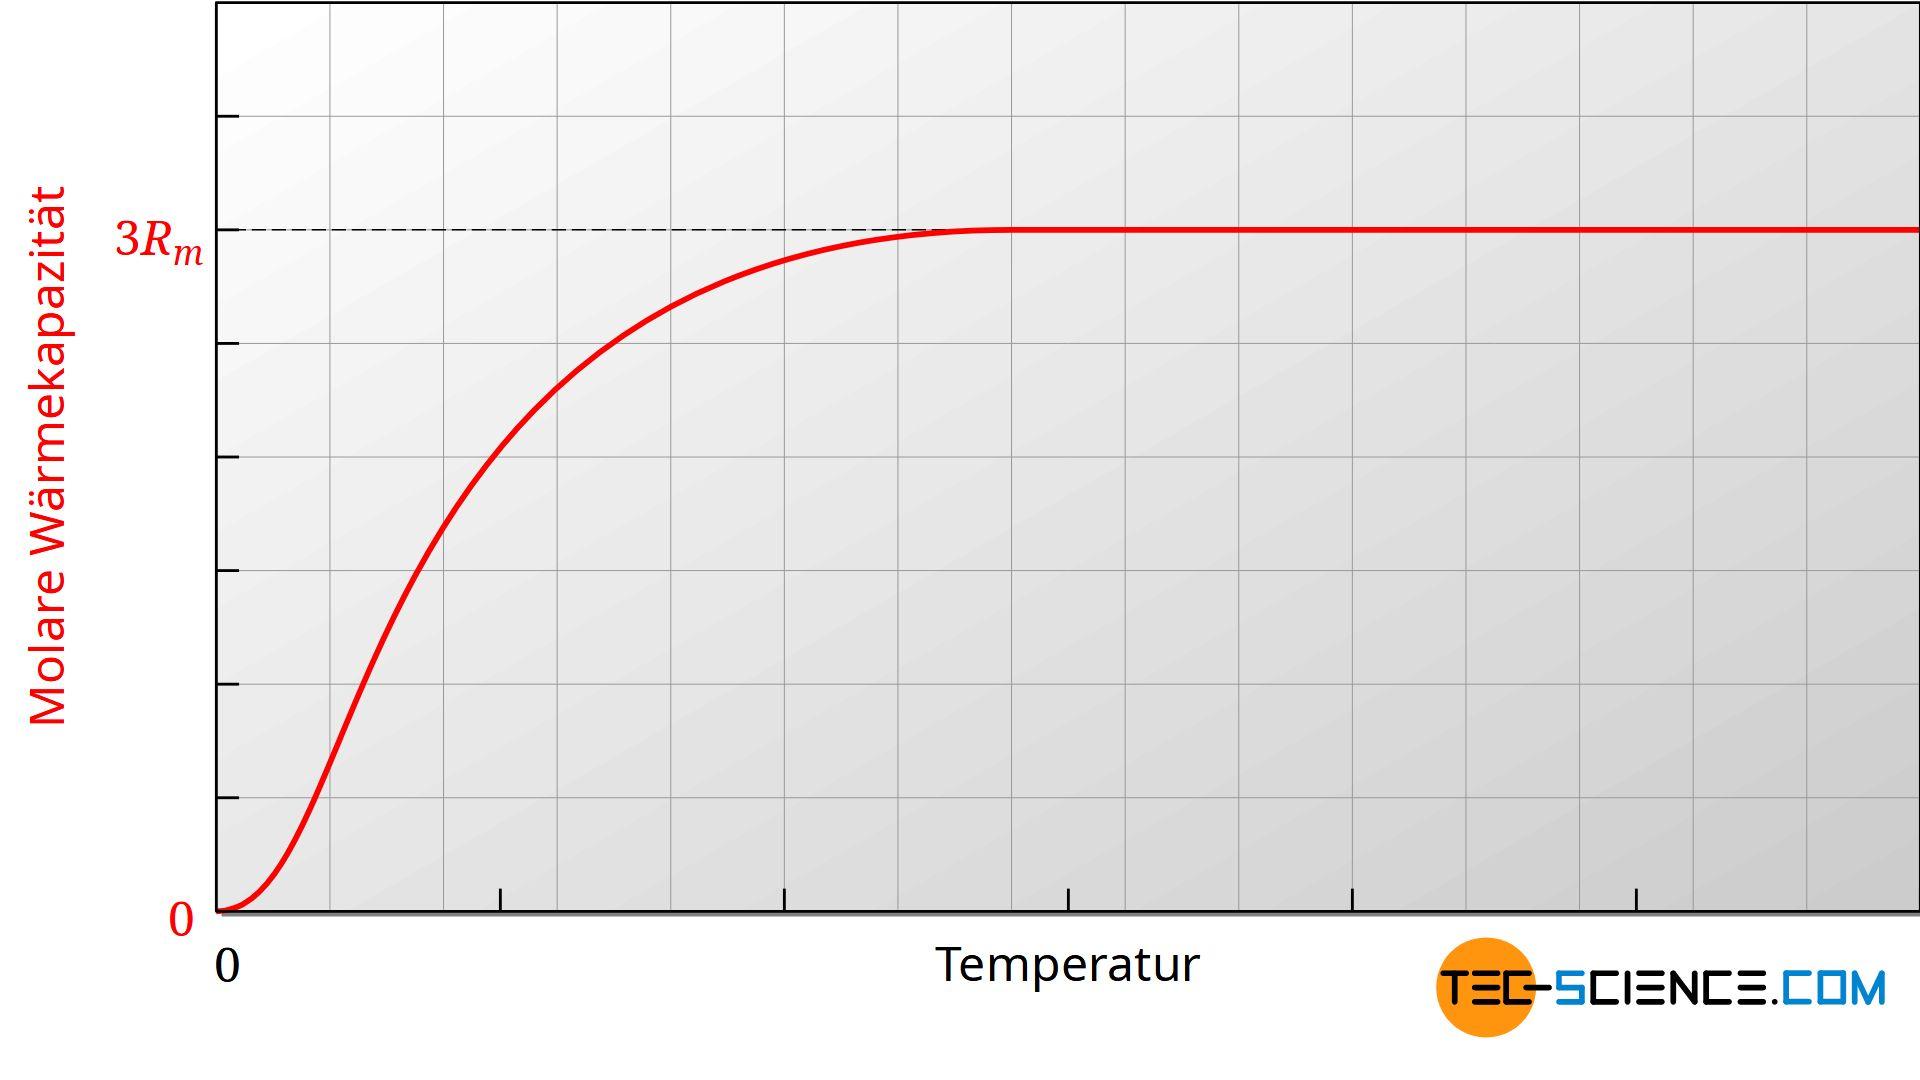 Temperaturabhängigkeit der molaren Wärmekapazität von Feststoffen (schematisch)